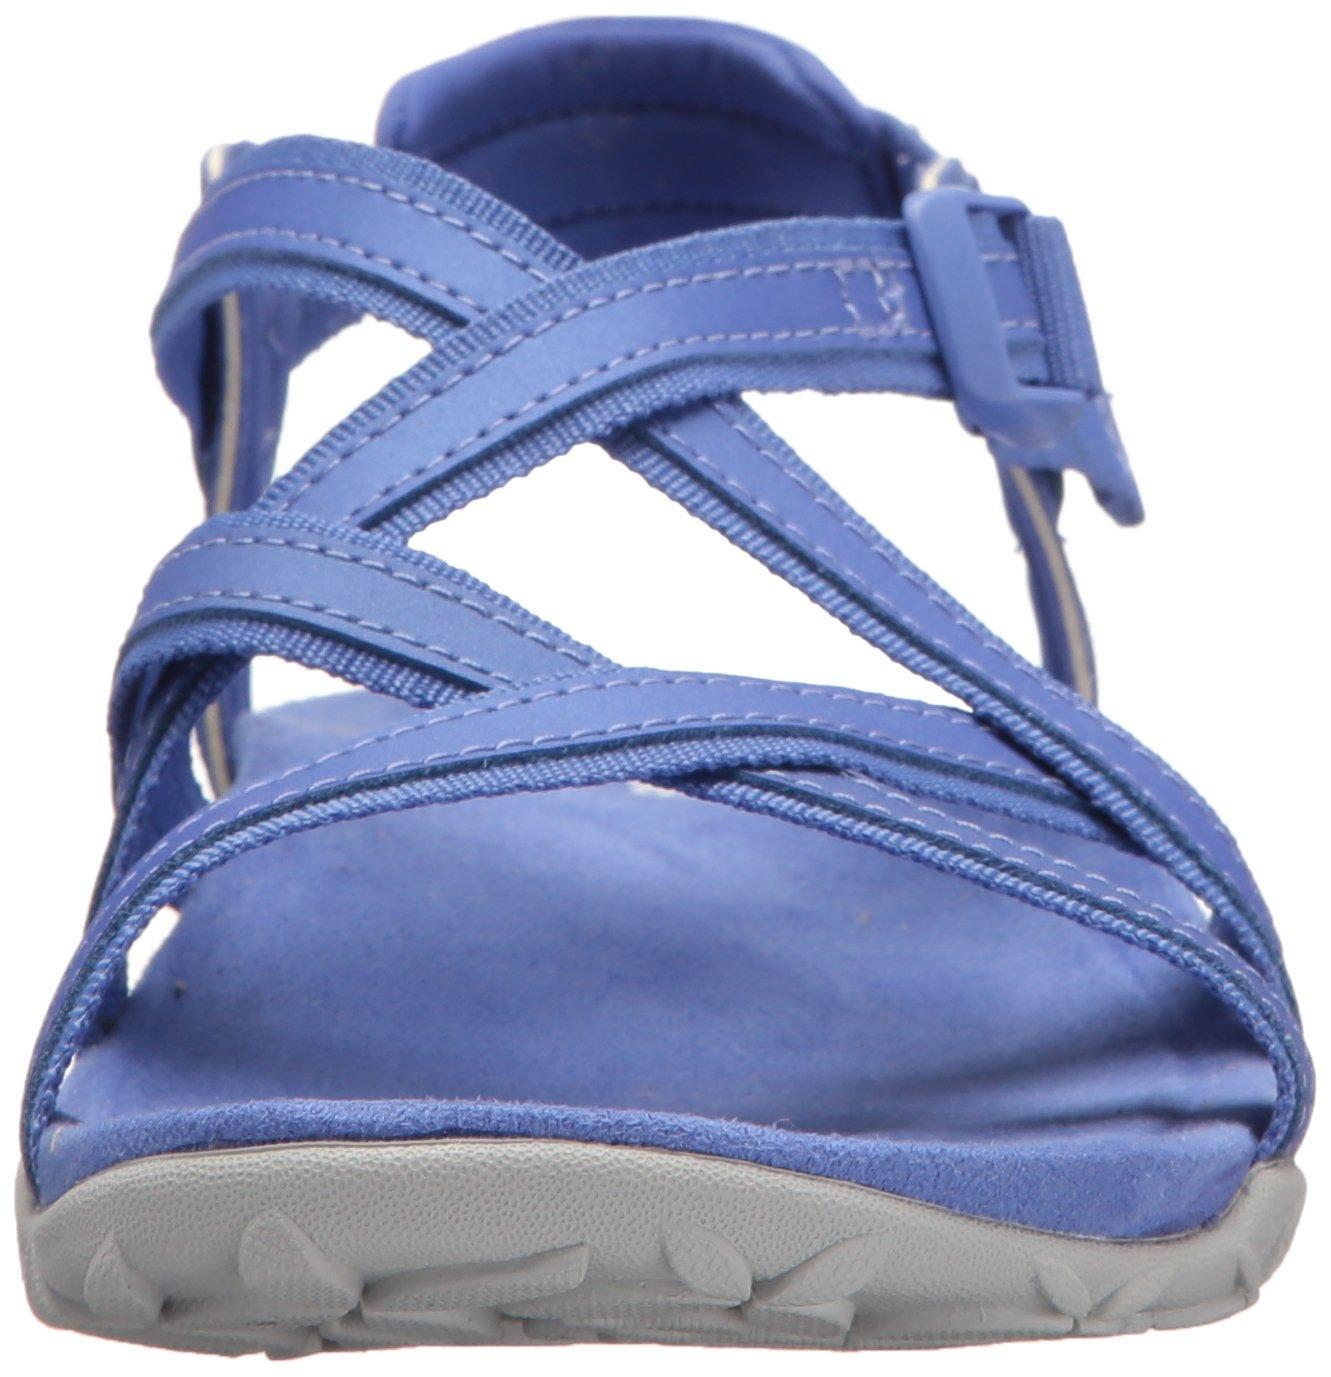 Merrell Women's Terran Ari Lattice Sport Sandal B072M3292Y 9 B(M) US|Baja Blue